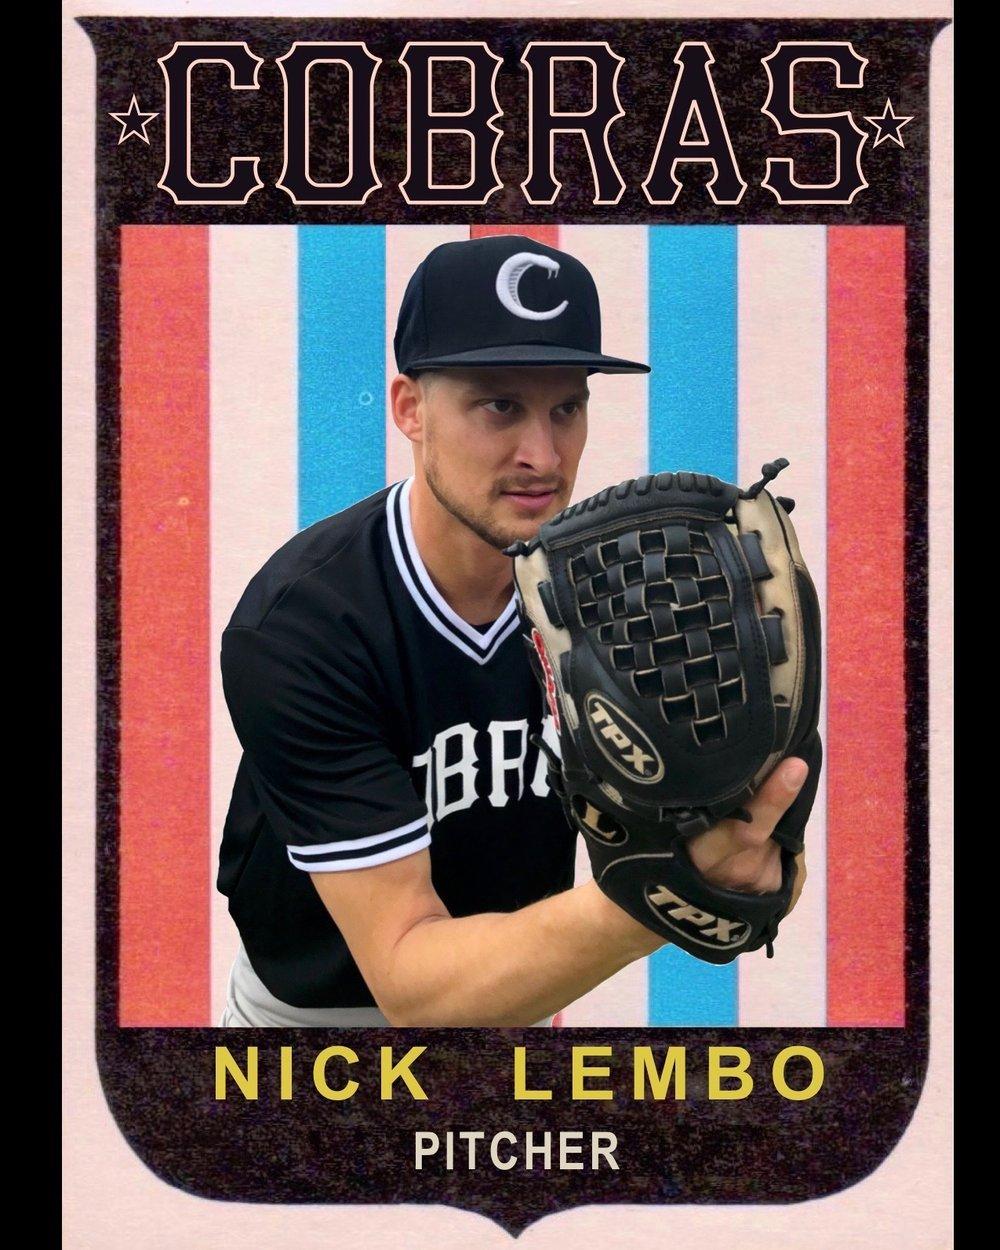 #33 - Nick Lembo